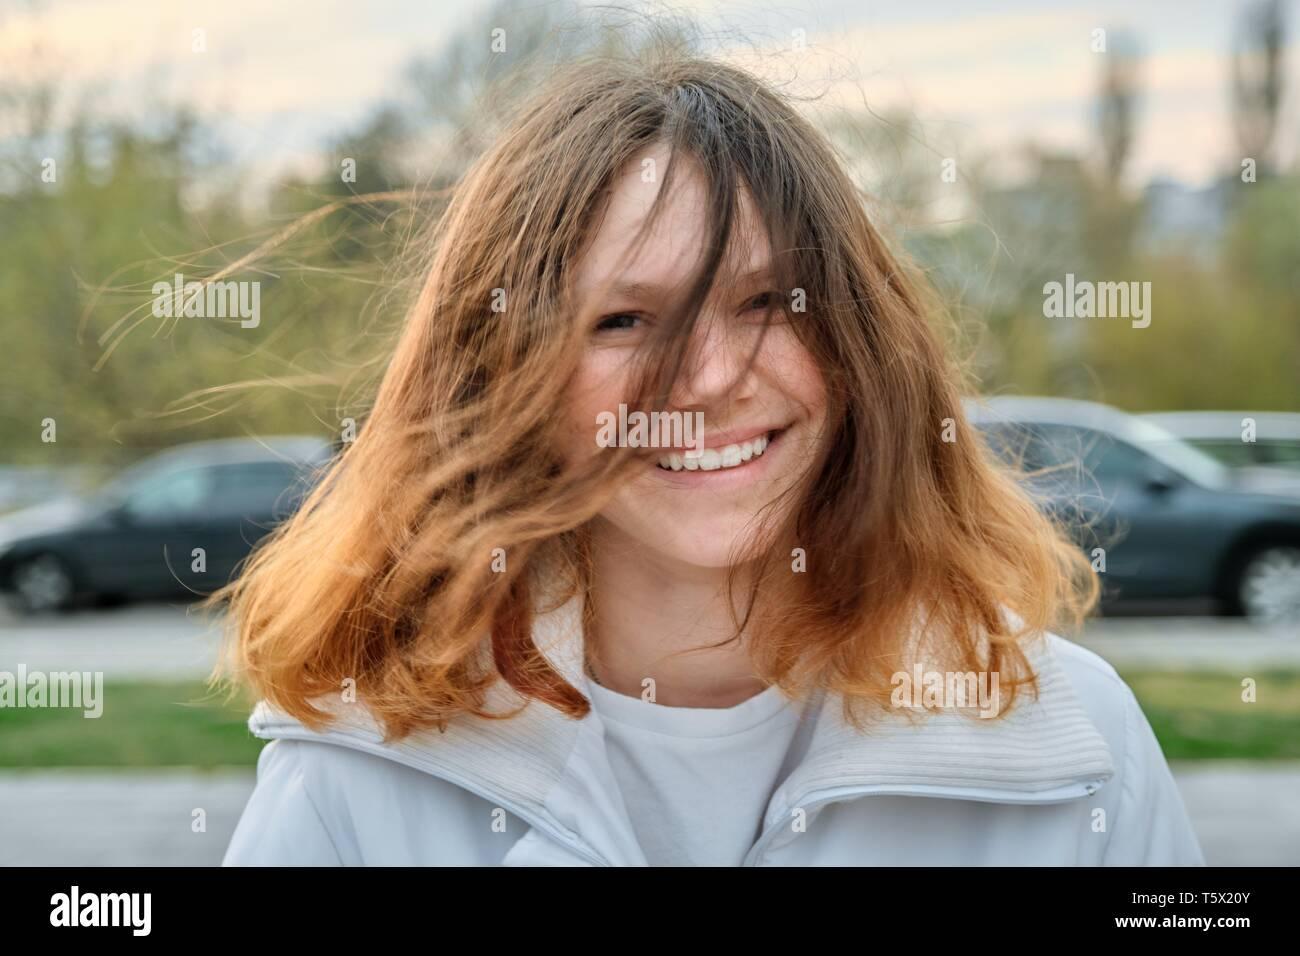 Mädchen braune haare hübsches 15 jahre hübsches mädchen